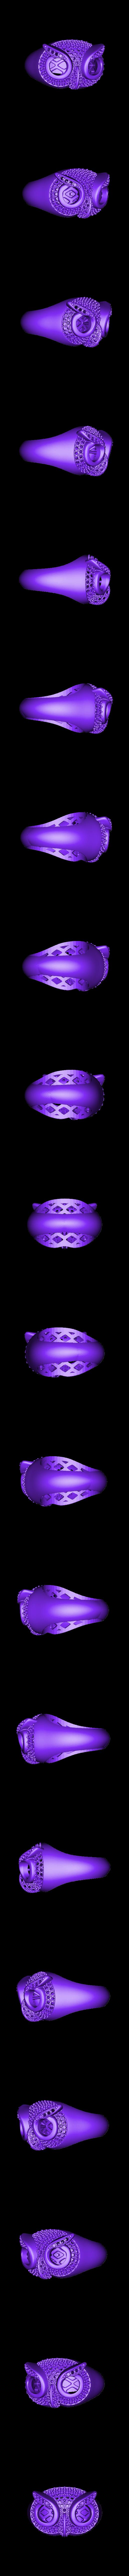 Owl ring jewelry ring with stones.stl Télécharger fichier STL gratuit Bague hibou bague bijou avec pierres Modèle d'impression 3D • Plan pour impression 3D, Cadagency